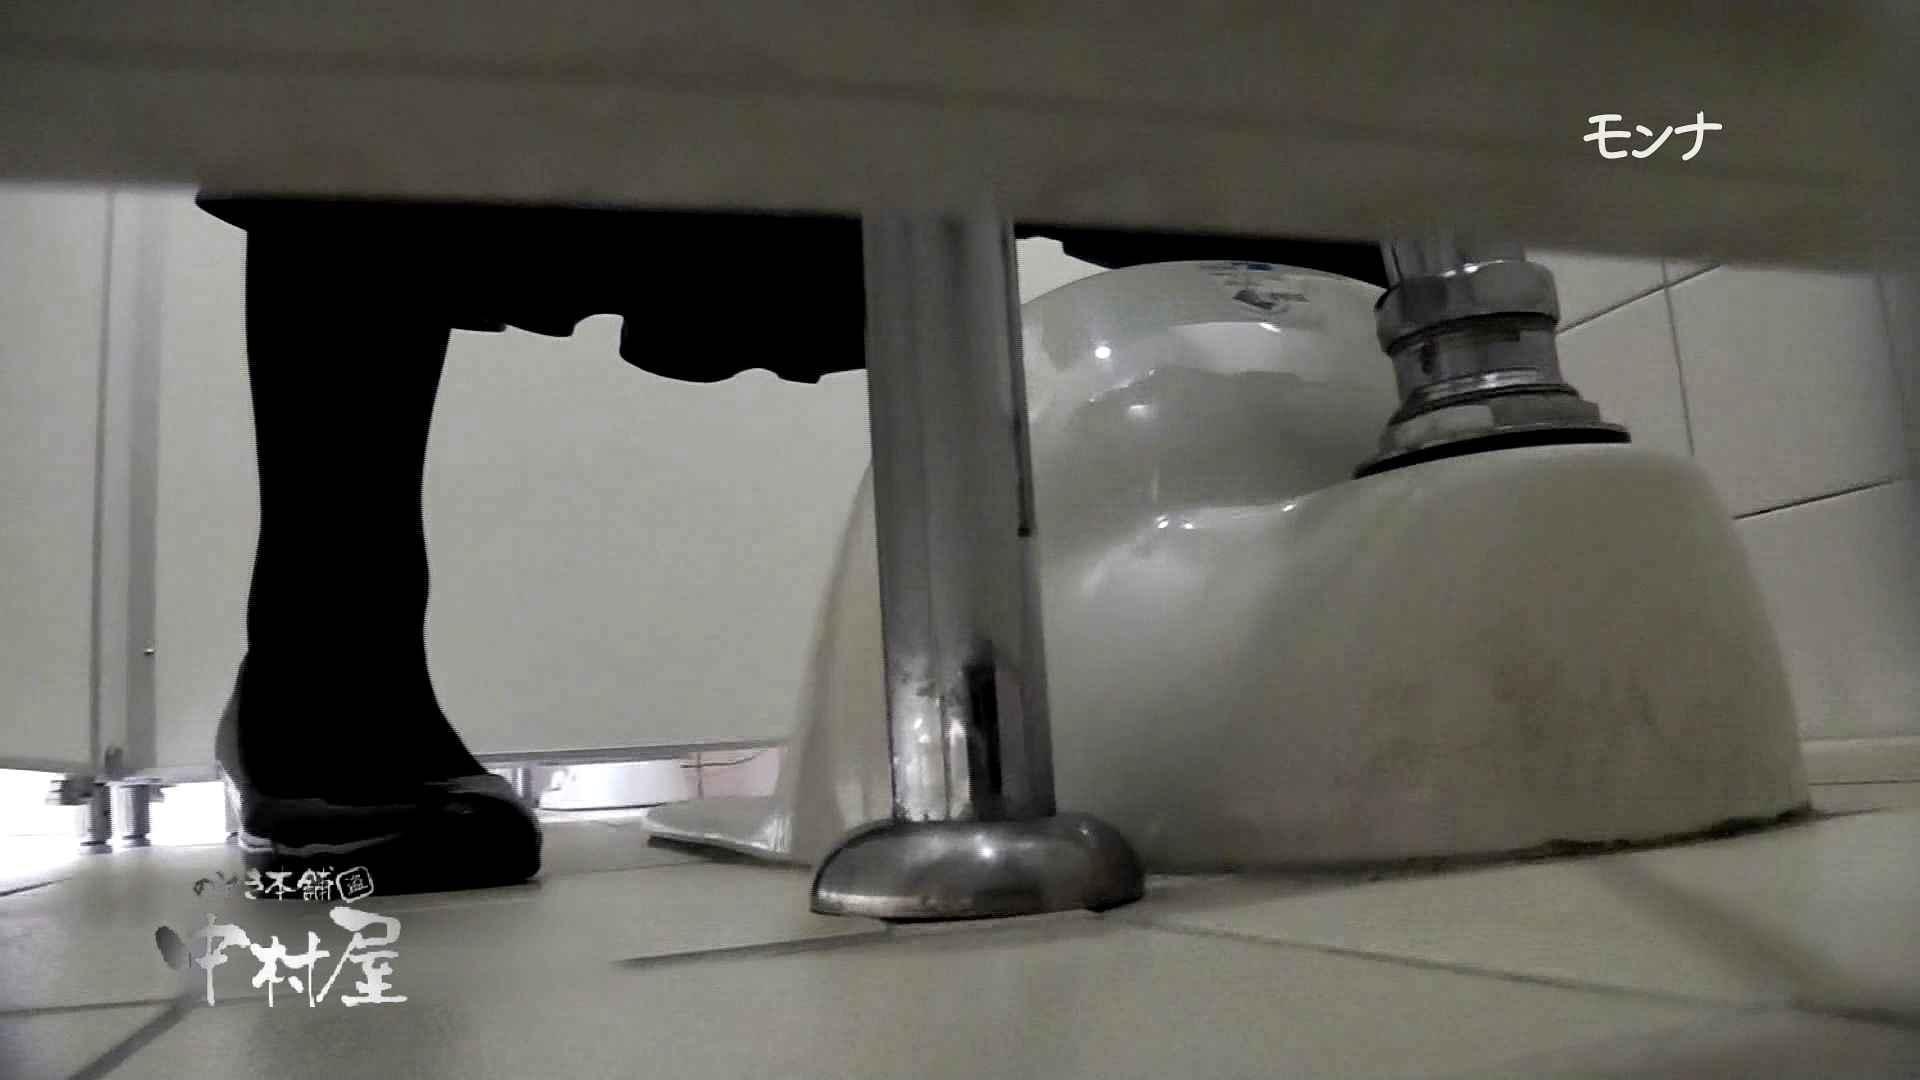 【美しい日本の未来】新学期!!下半身中心に攻めてます美女可愛い女子悪戯盗satuトイレ後編 0  40連発 36